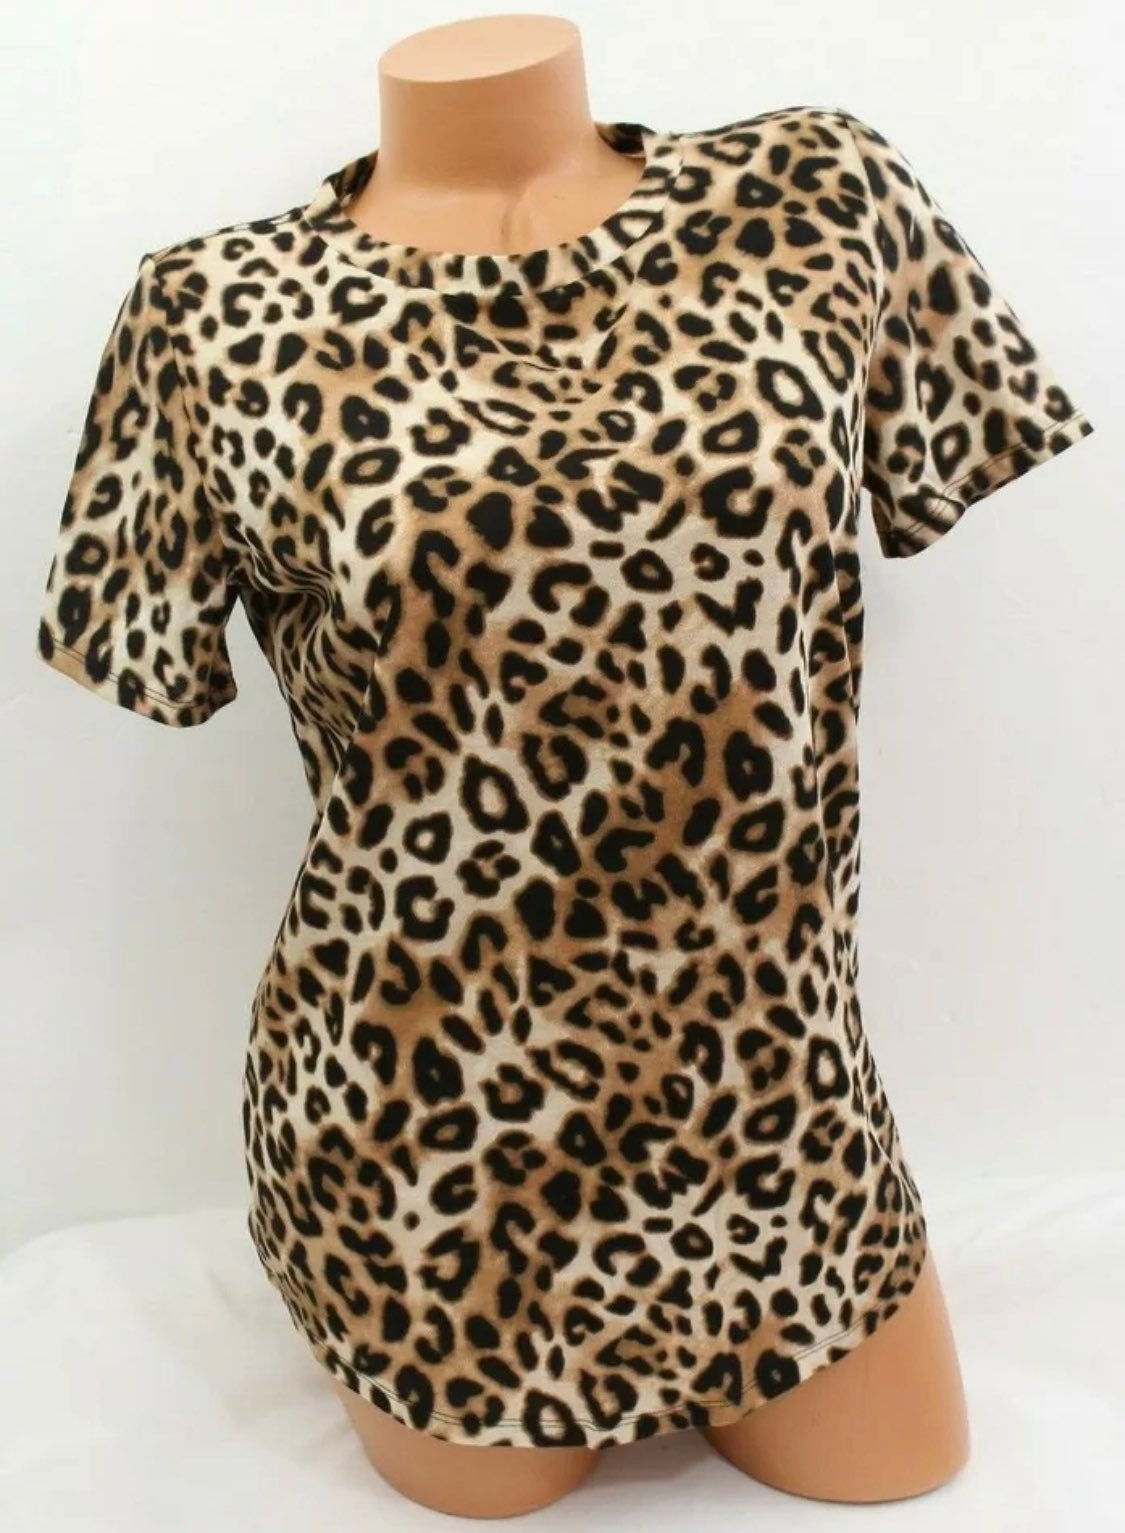 VS PINK Tee Cheetah Leopard Size L NWT